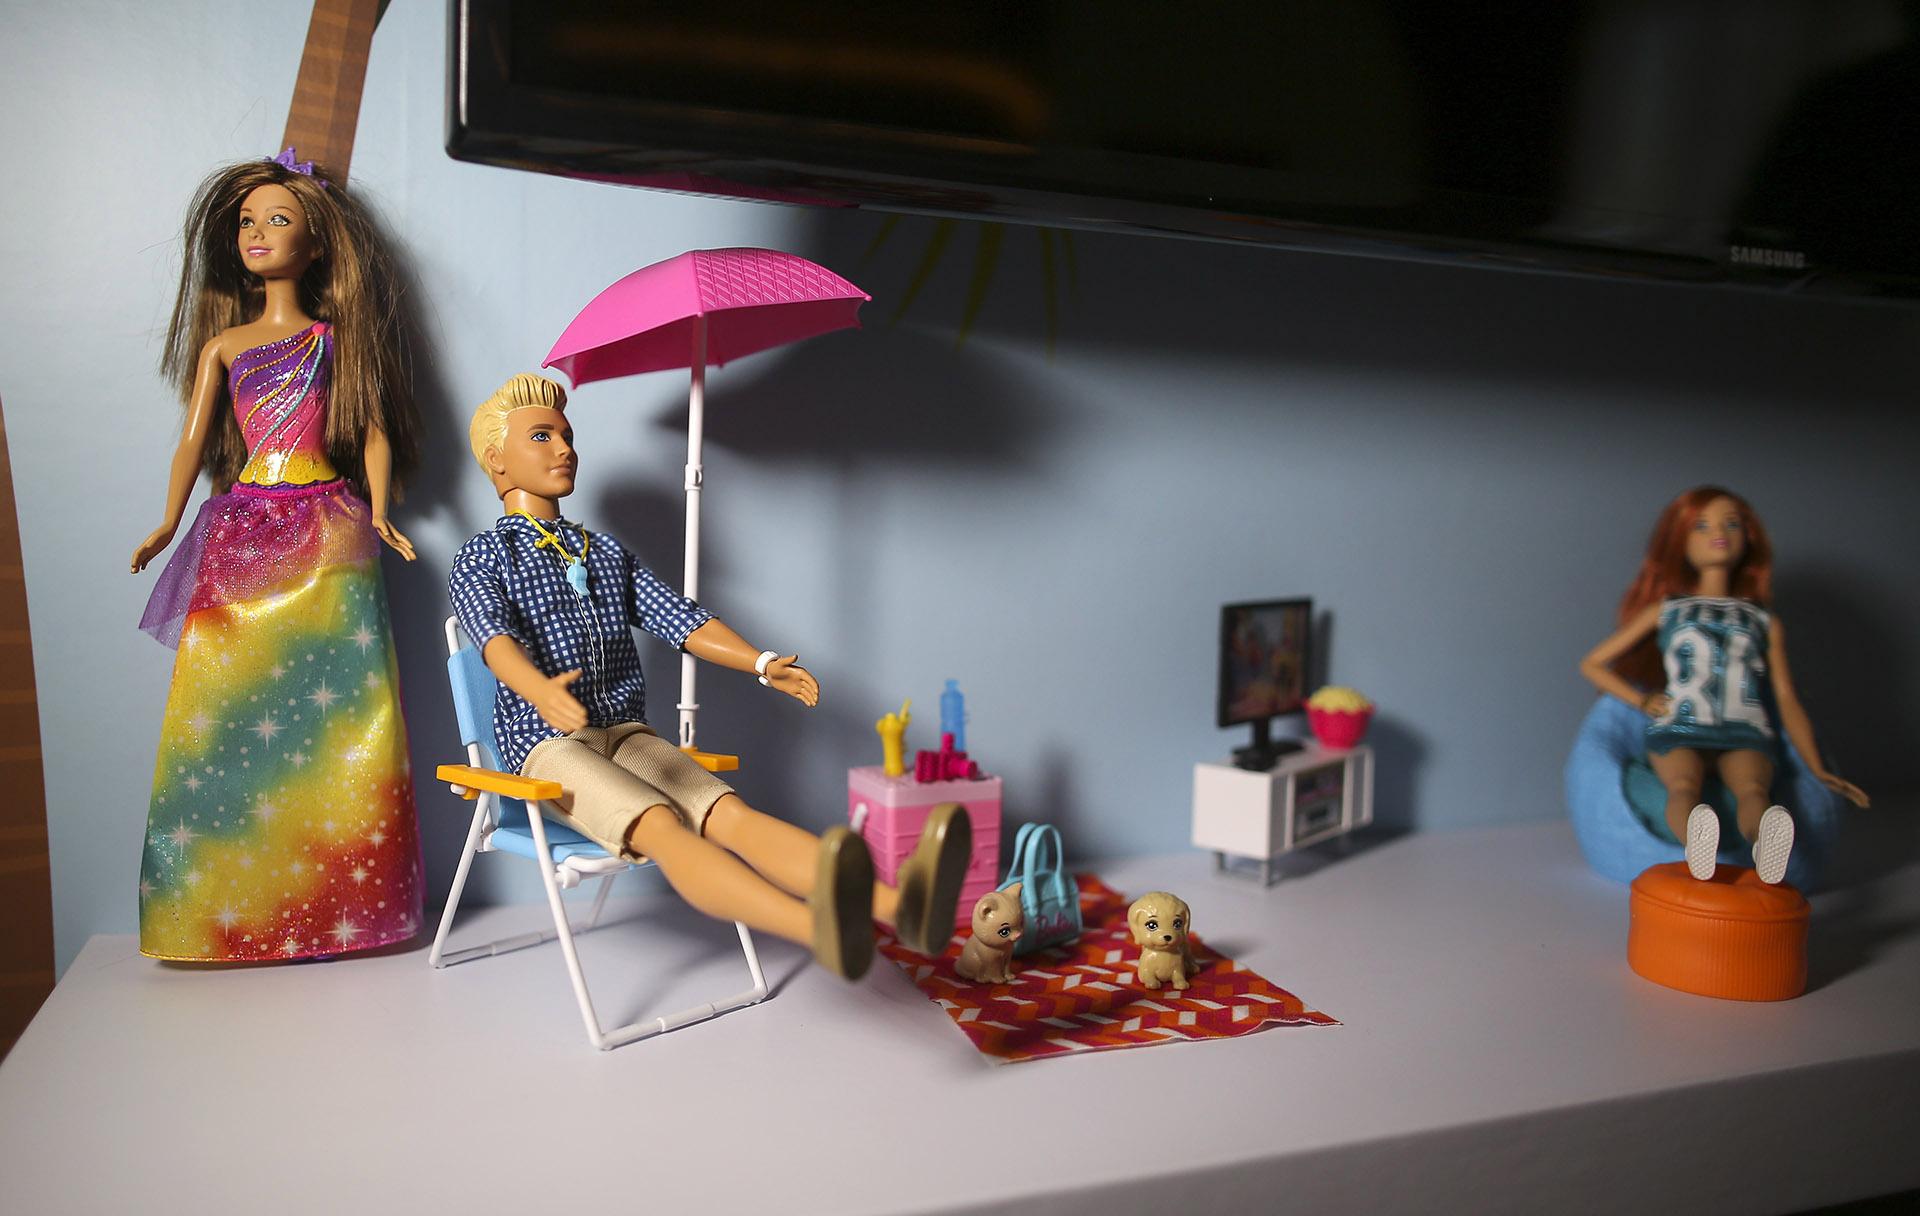 Toda la familia Barbie a disposición para juegos a toda hora